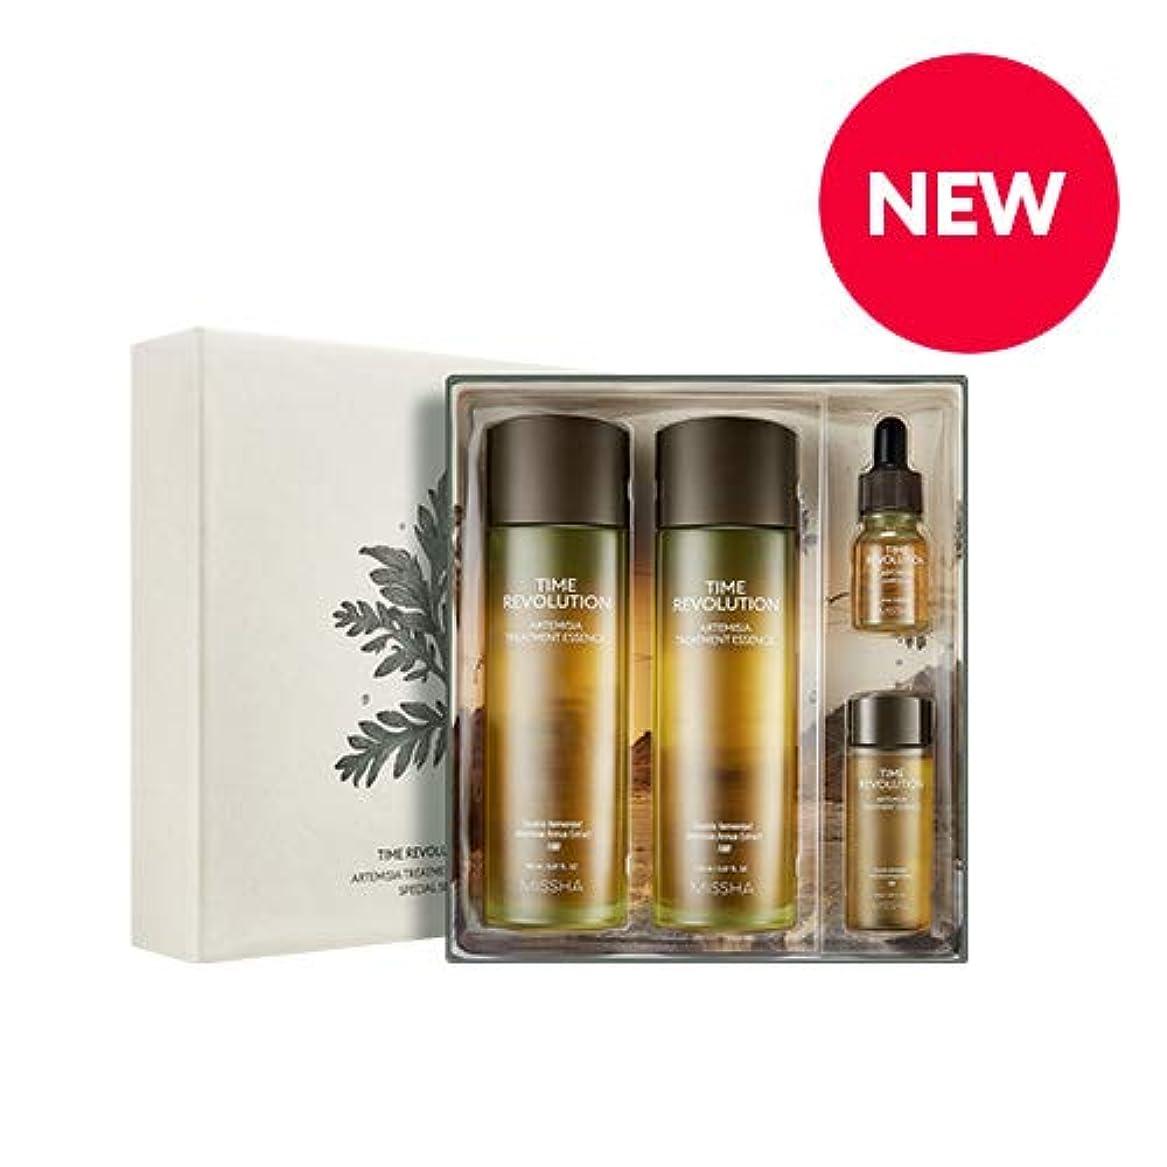 サイレンカップルディスコMISSHA タイムレボリューションアルテミシアトリートメントエッセンススペシャルセット/Time Revolution Artemisia Treatment Essence Special Set [並行輸入品]